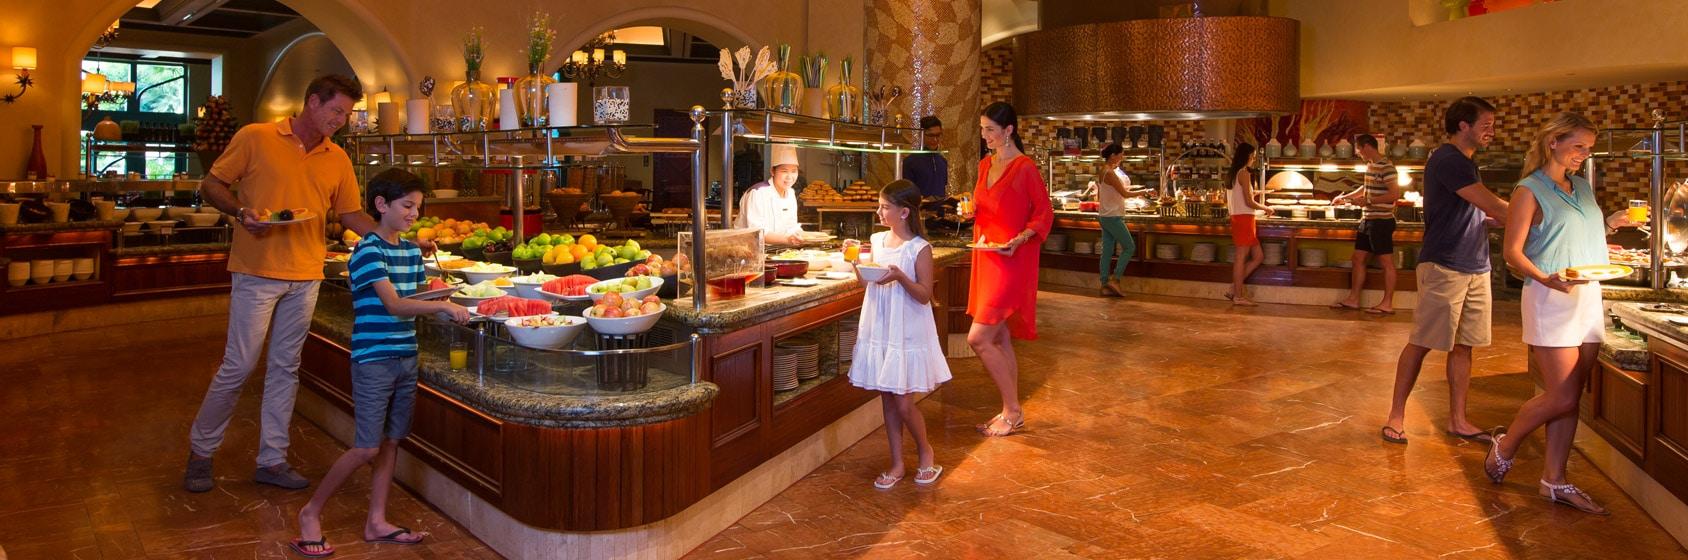 Atlantis, The Palm's Best Buffet Breakfast